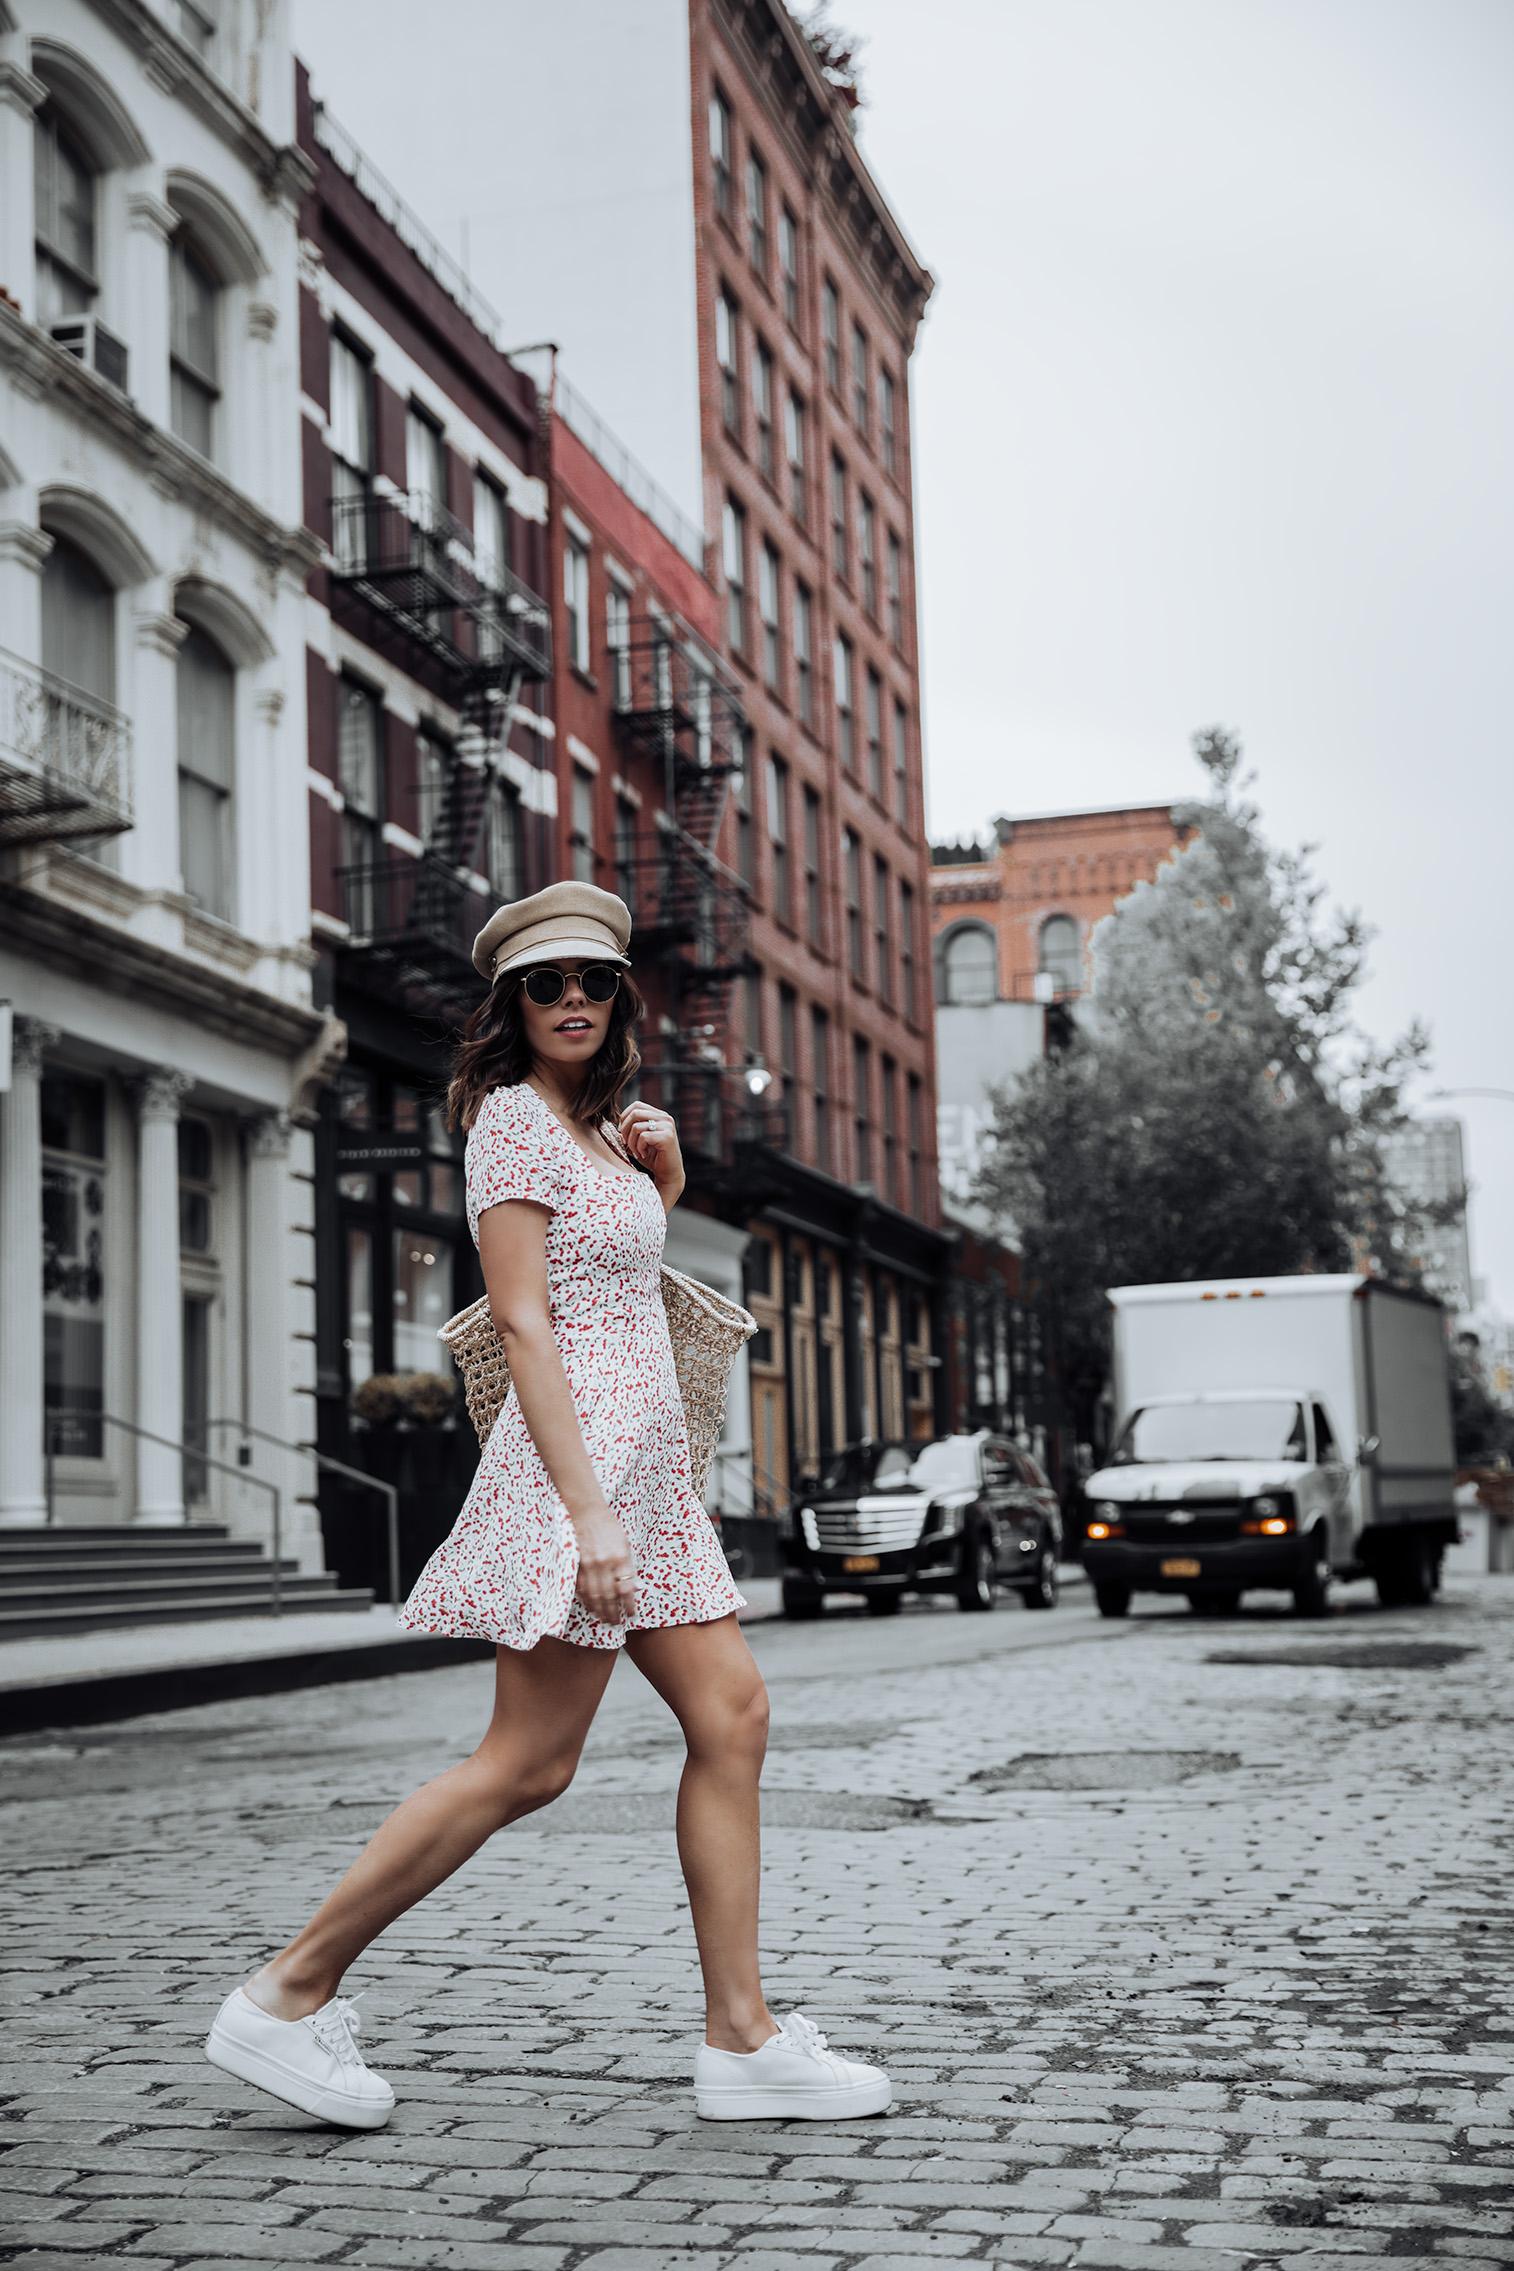 Flynn Skye Mini Dress   Superga Platform Sneakers   Knit Market Bag (Similar)  #liketkit